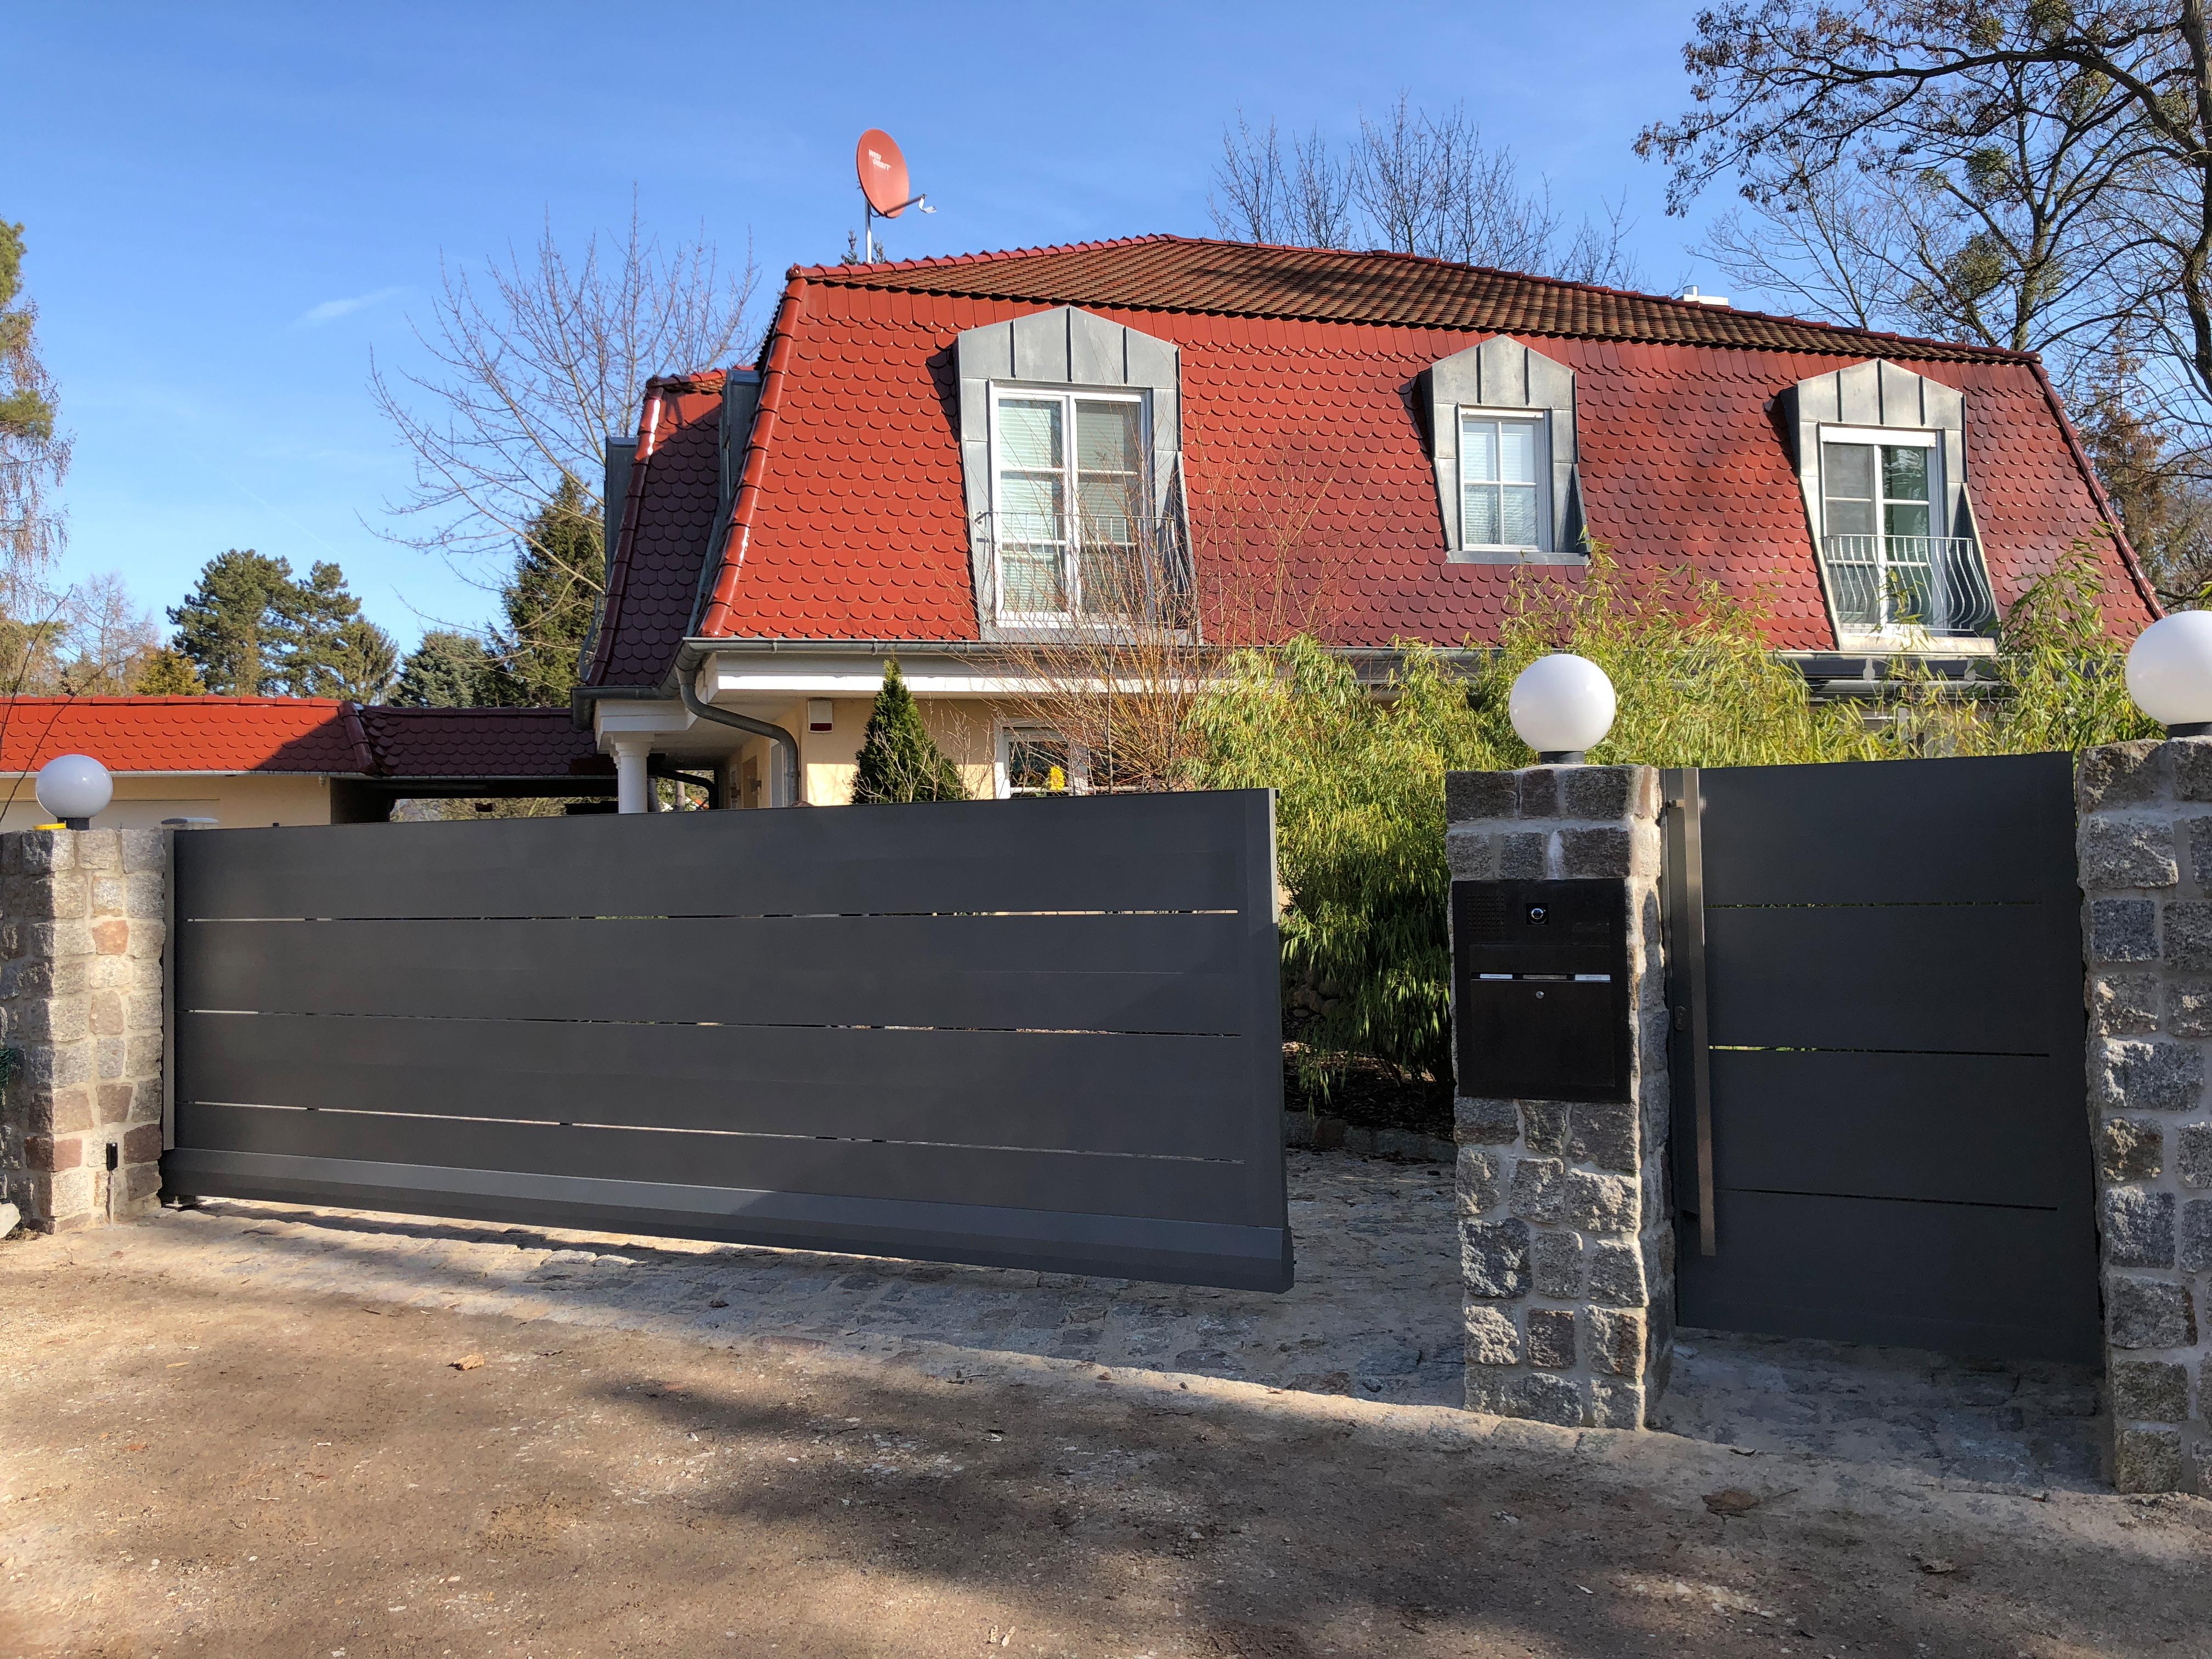 FZ.A.9 Toranlage an Mauerpfosten